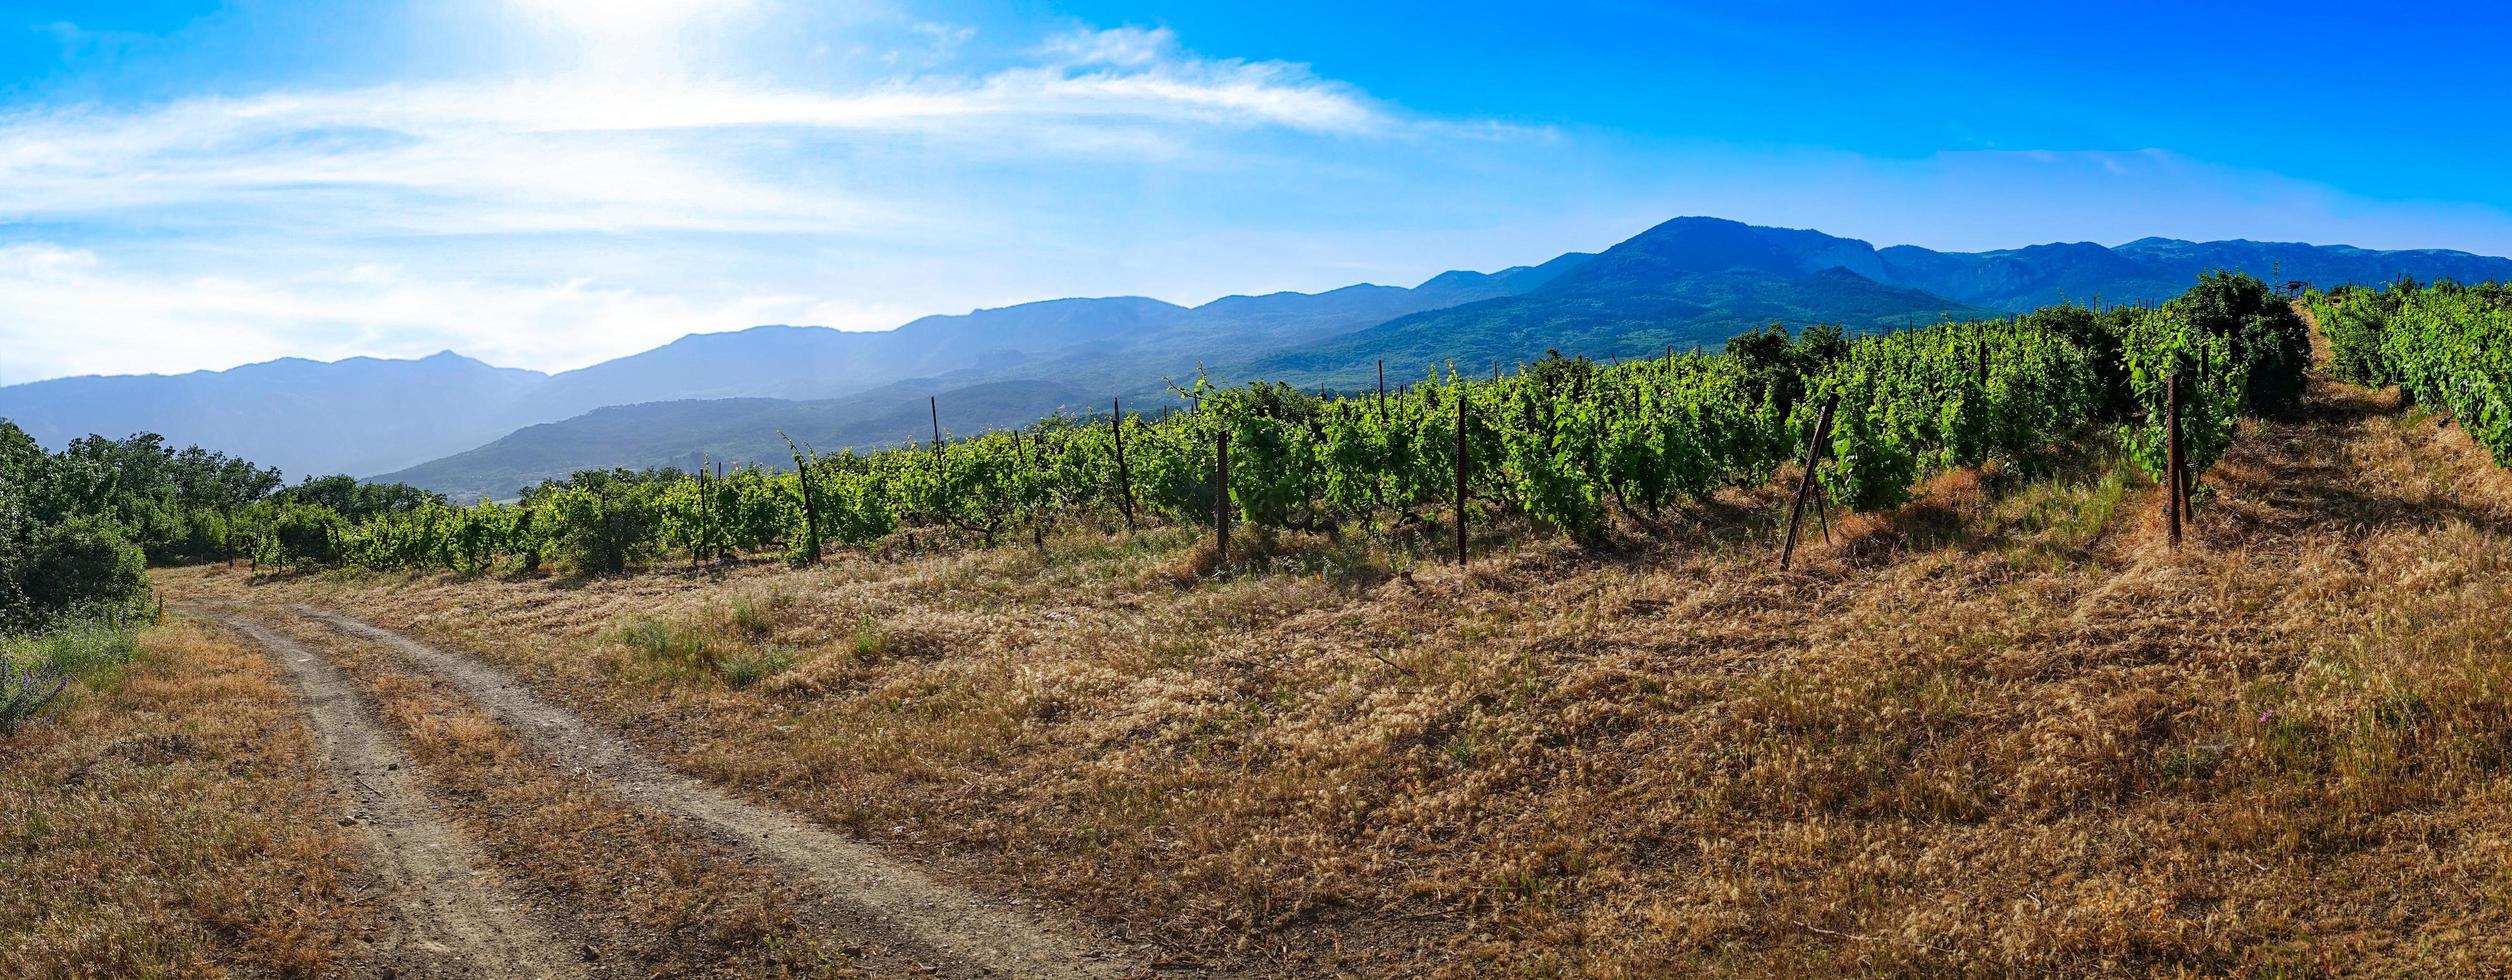 panorama del paisaje natural con la carretera. foto